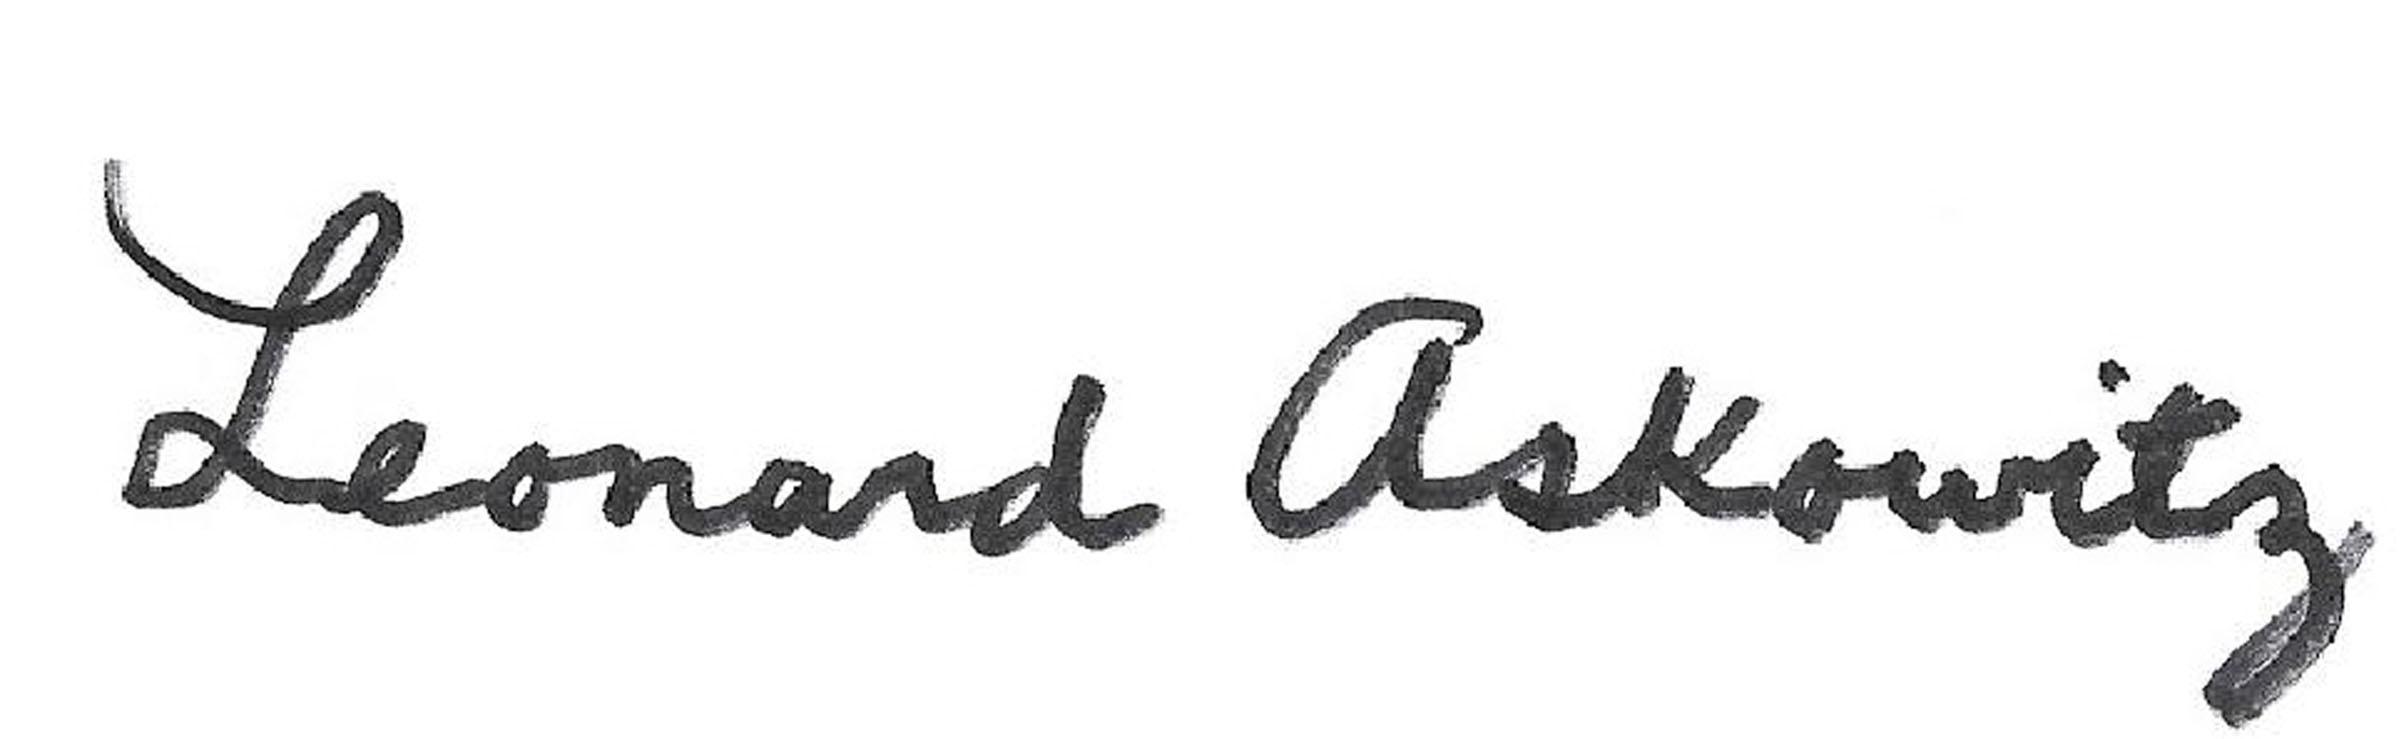 Leonard Askowitz Signature